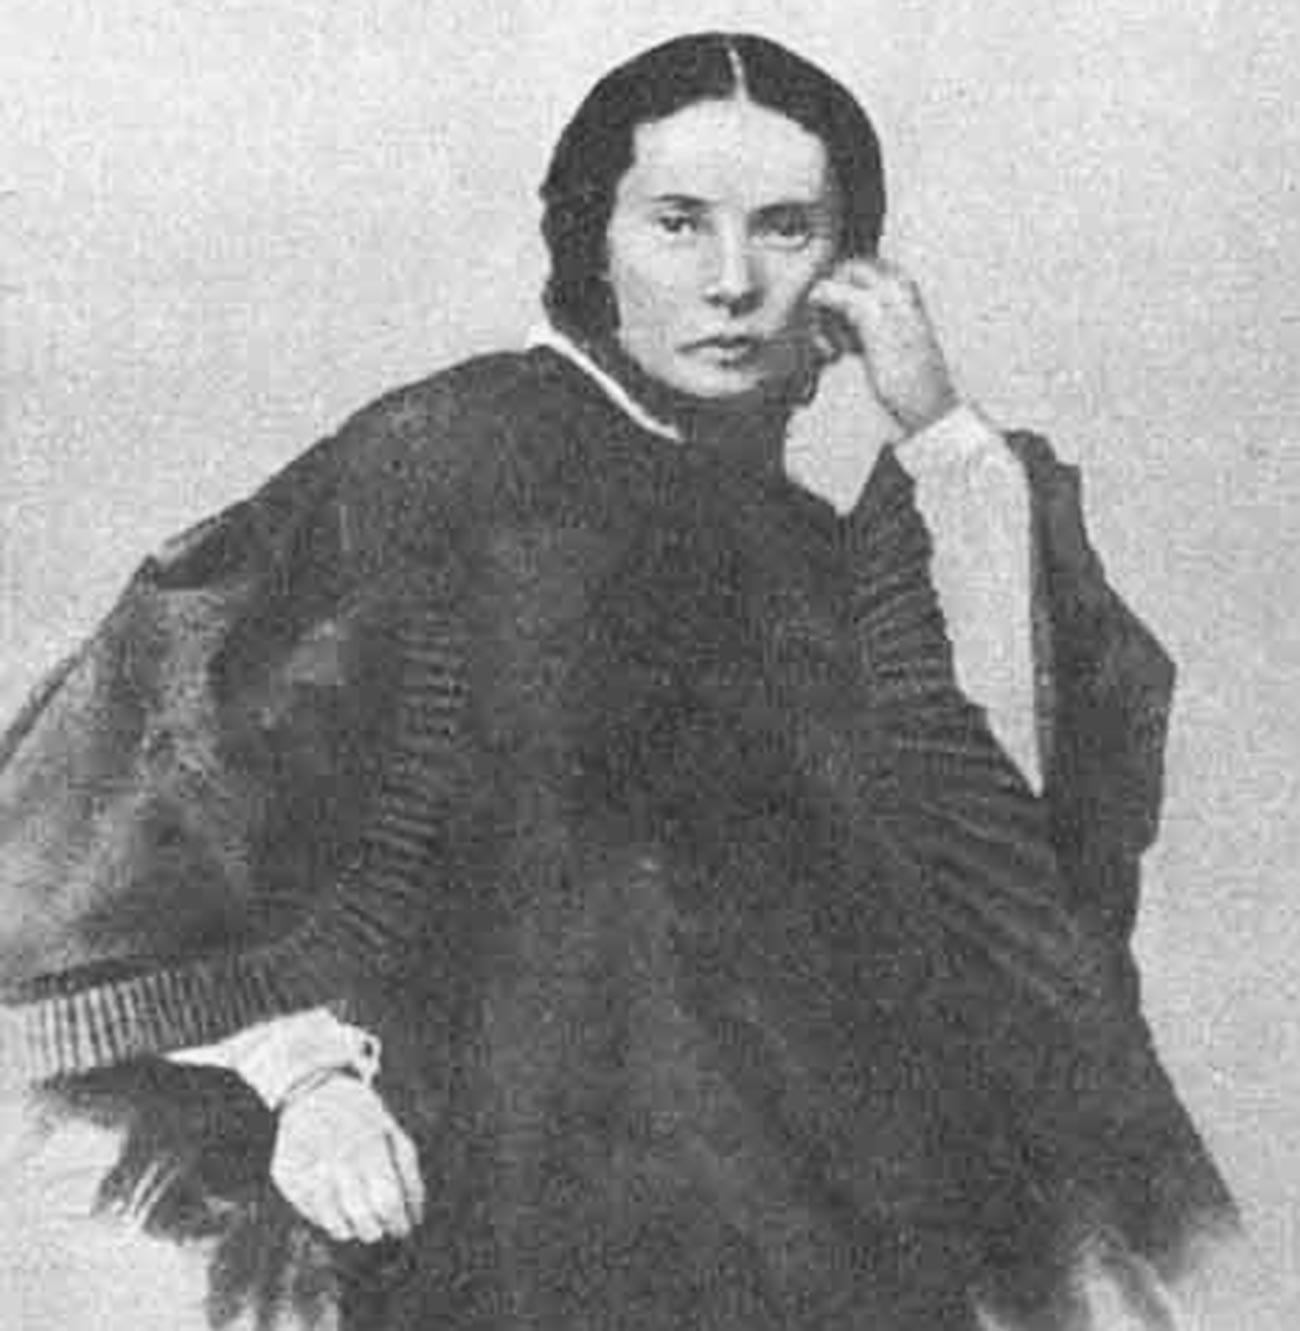 Maria Dmitrievna Dostoïevskaïa